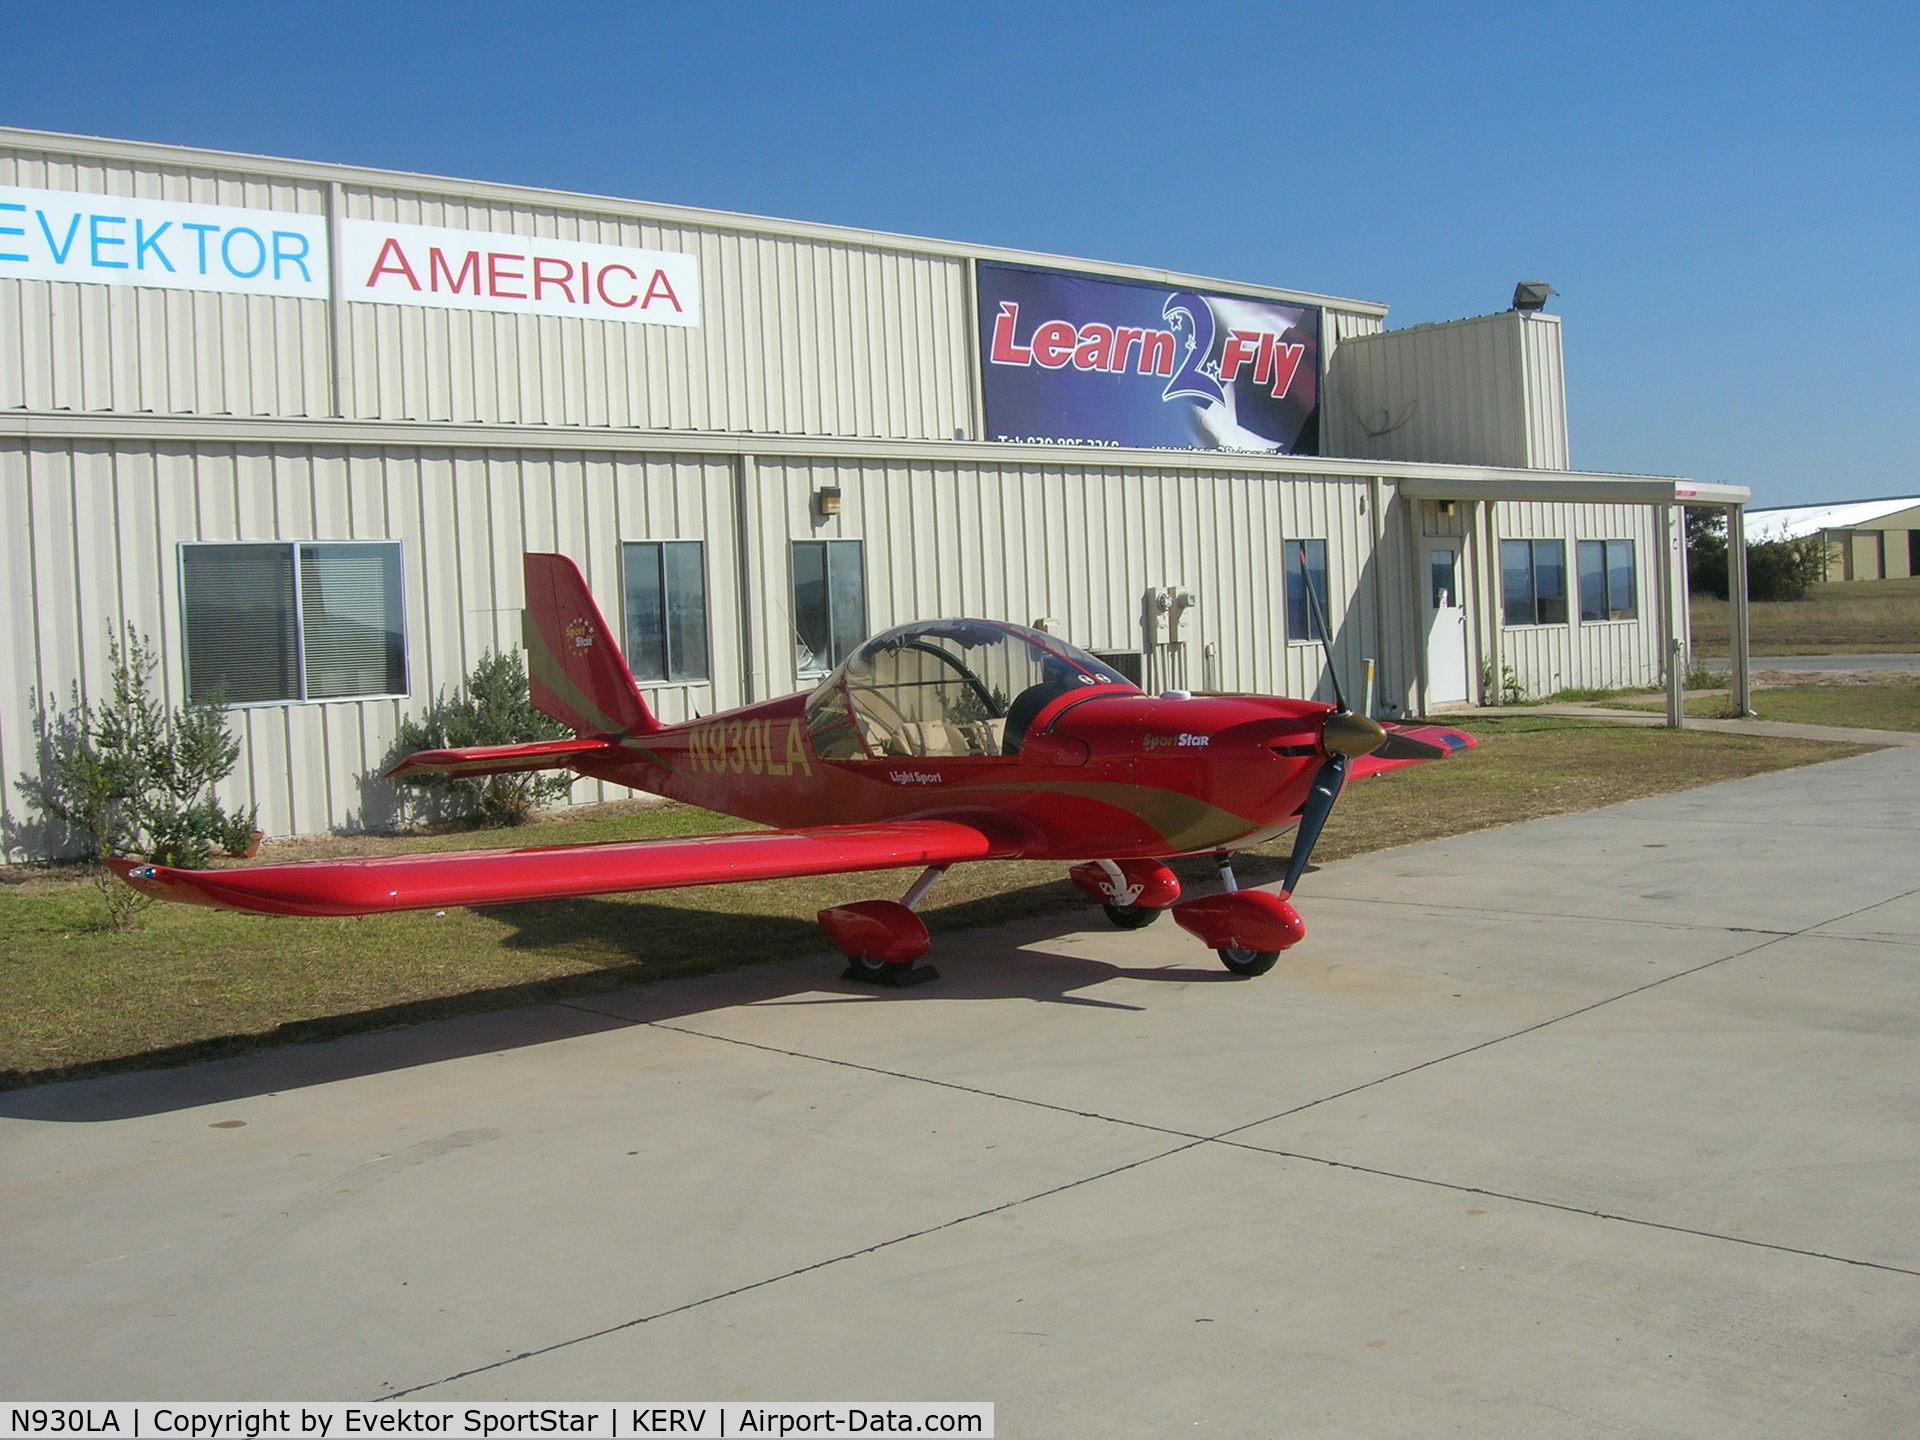 N930LA, 2007 Evektor-Aerotechnik SPORTSTAR PLUS C/N 20070930, Evektor SportStar Light Sport Aircraft SLSA Sport Star